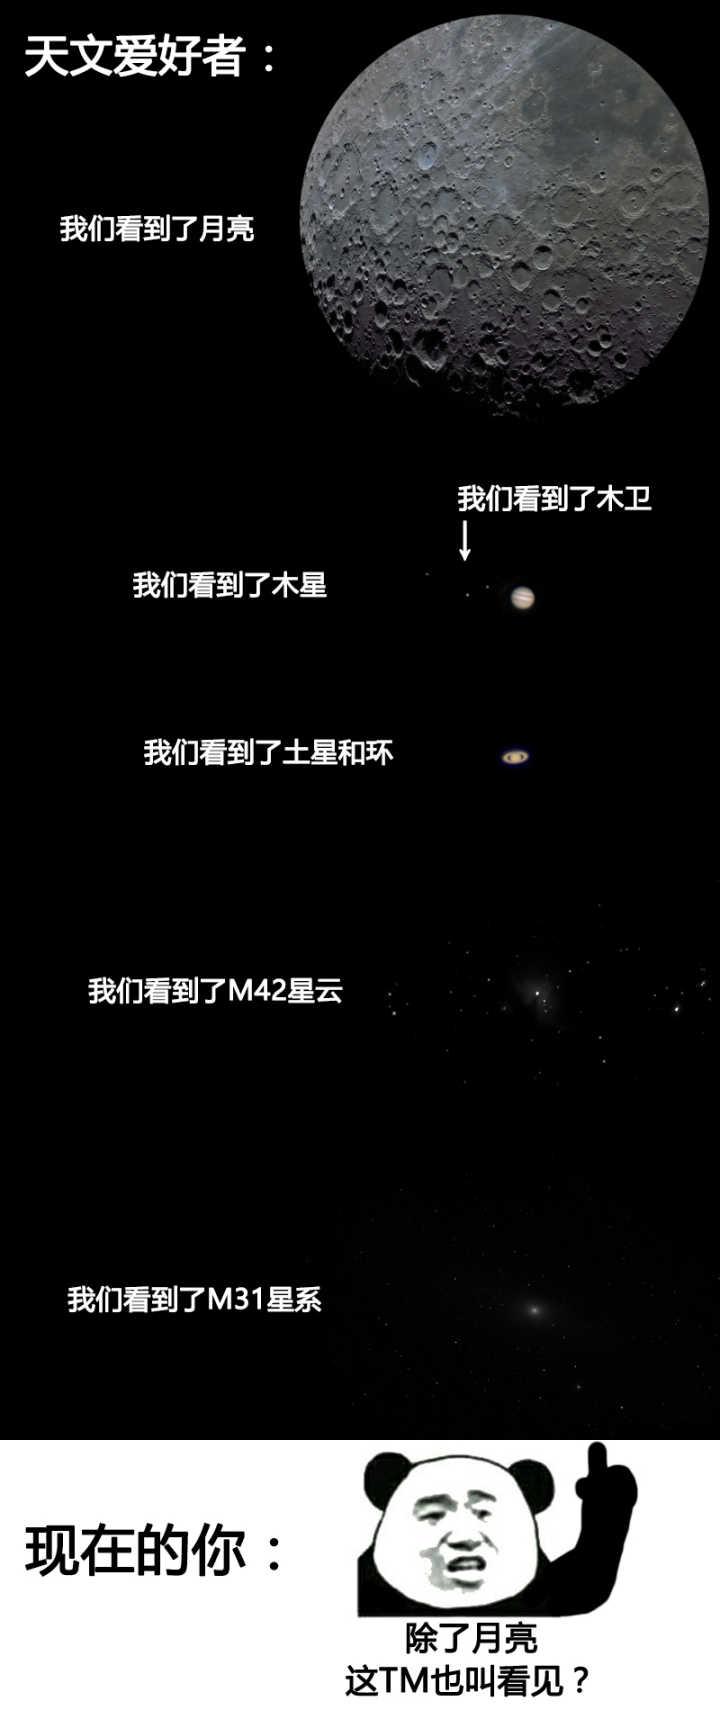 QQ图片20181024100025.jpg